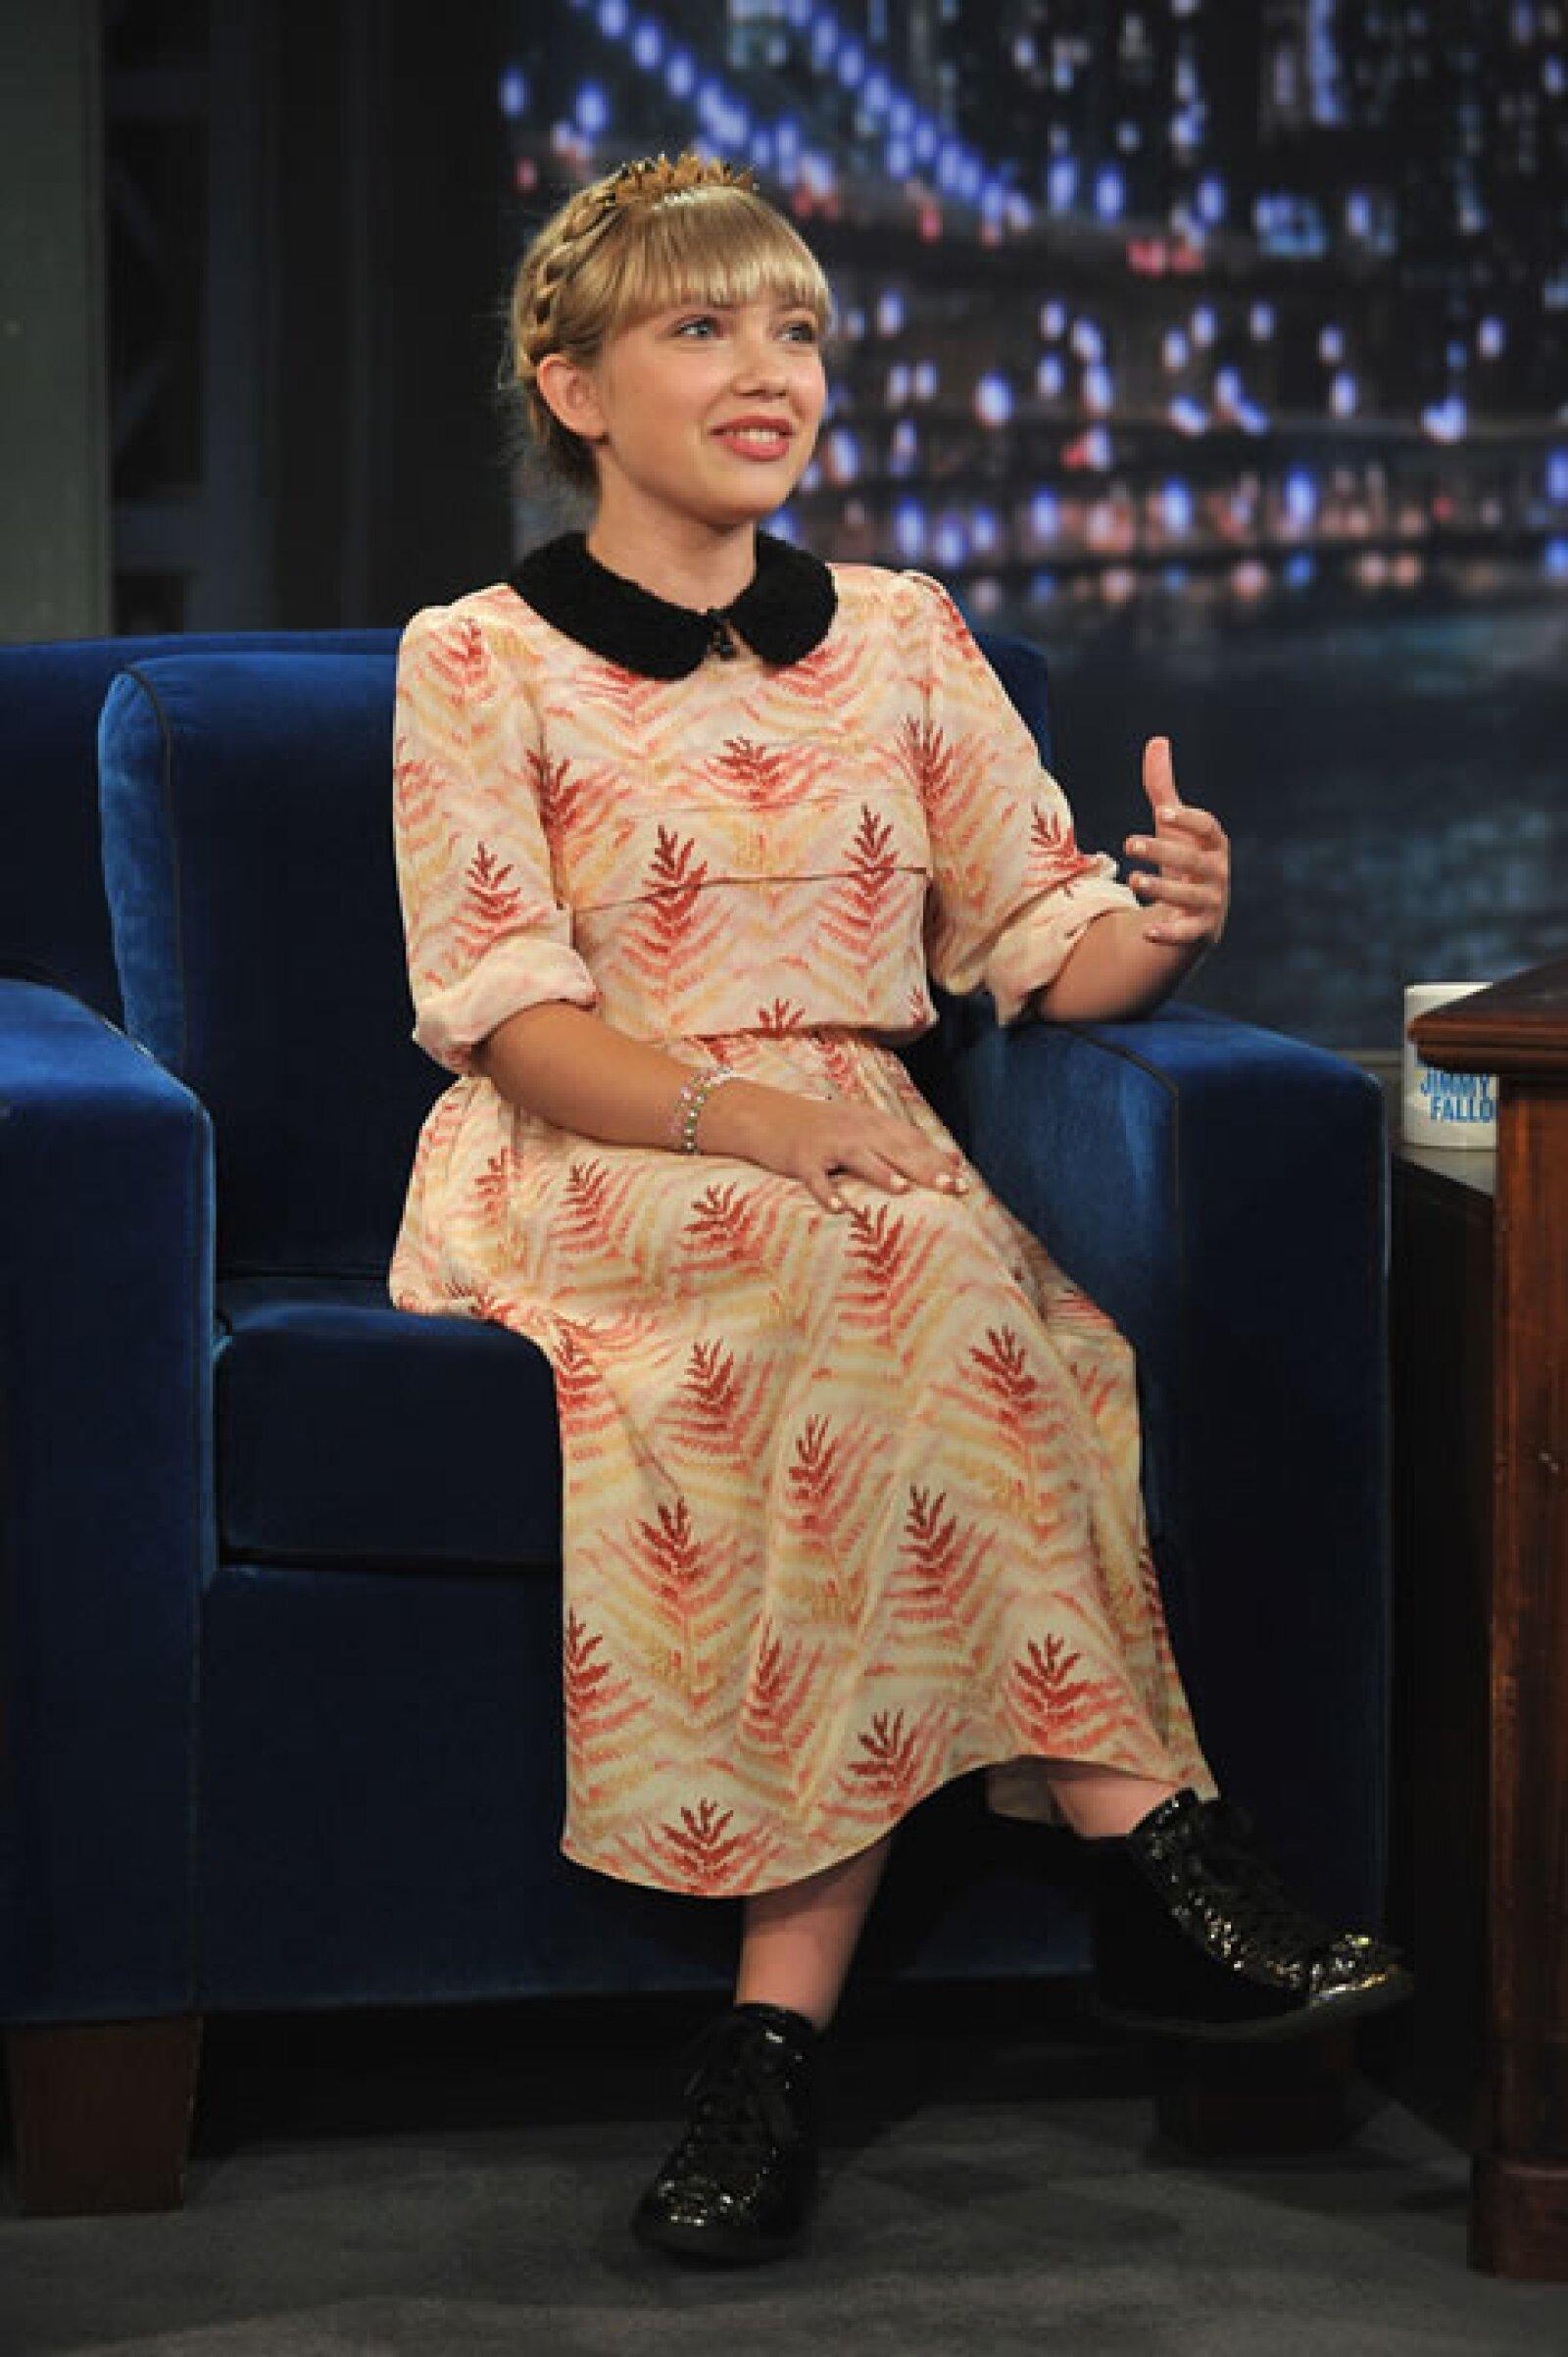 Para 2012 ya había entrevistado a top models como Coco Rocha, pero ese año le tocó ser la entrevistada en el show de Jimmy Fallon.